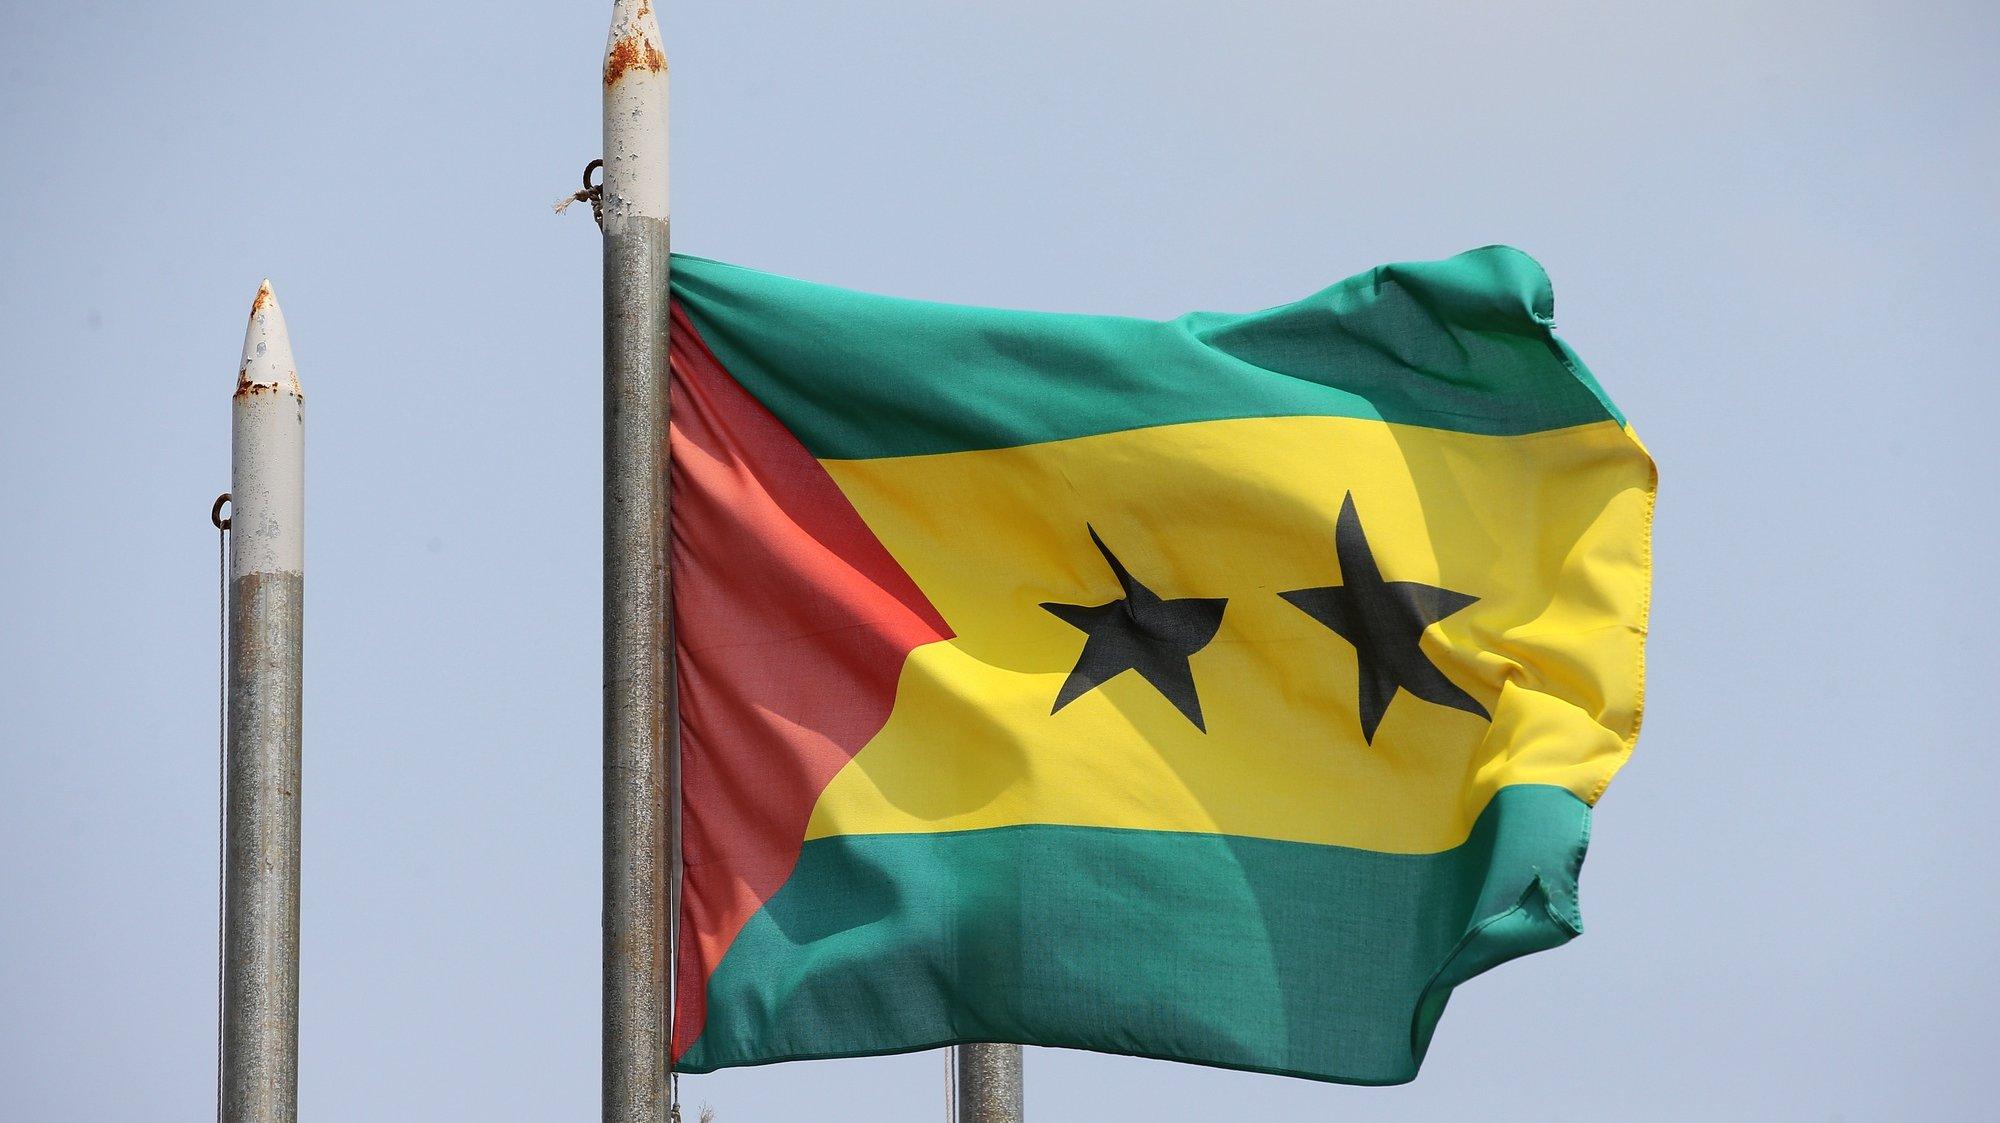 Uma bandeira da República Popular de São Tomé e Príncipe, no edifício junto à sede da Comissão Eleitoral Nacional, enquanto decorre no país a campanha eleitoral para as Presidenciais 2021, que se realizam no próximo dia 18 de julho, na ilha de São Tomé, em São Tomé e Príncipe, 13 de julho de 2021. NUNO VEIGA/LUSA